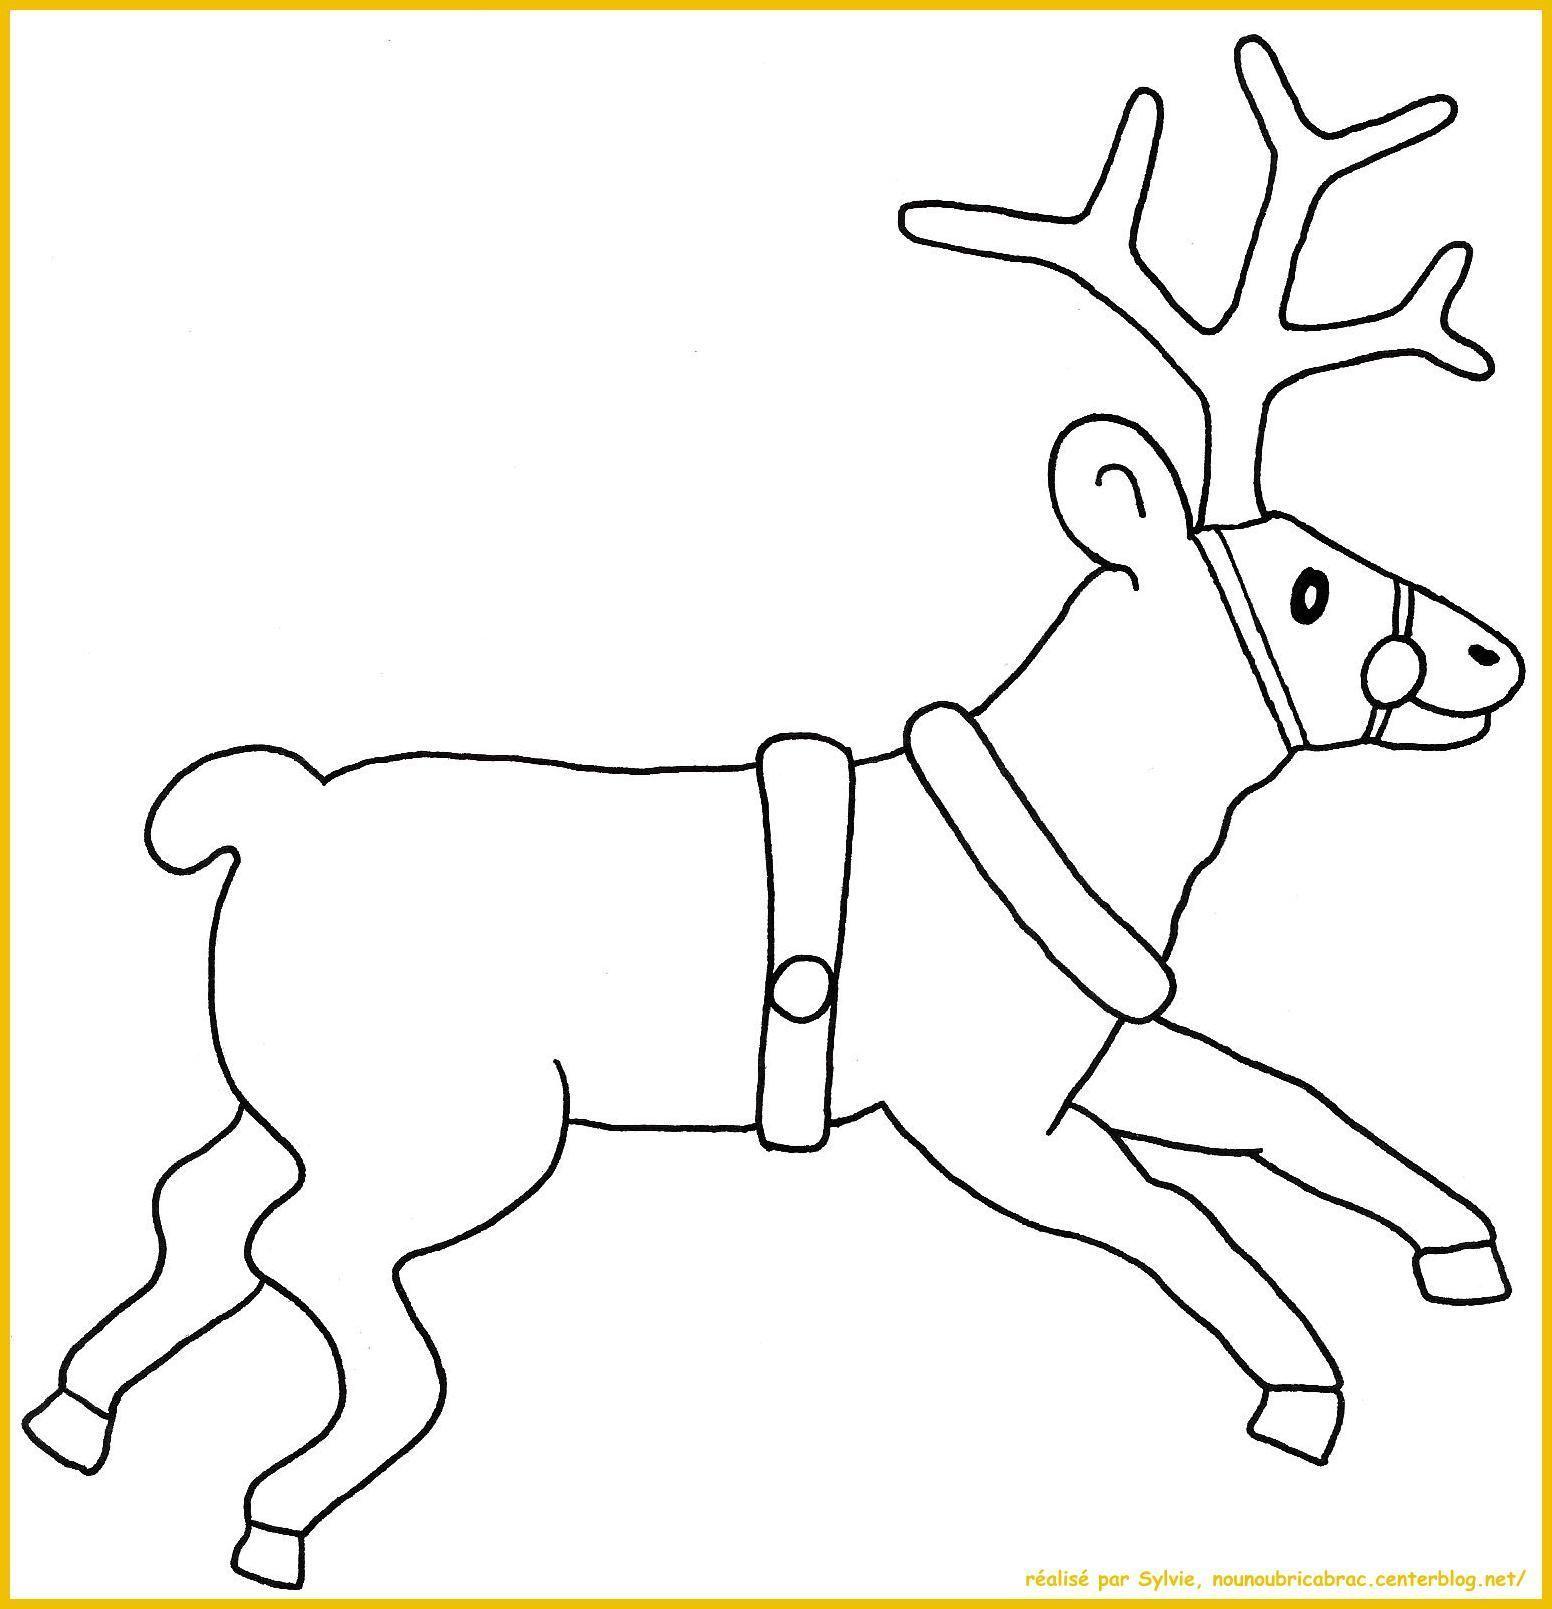 Comment dessiner un renne - Comment dessiner un pere noel facilement ...